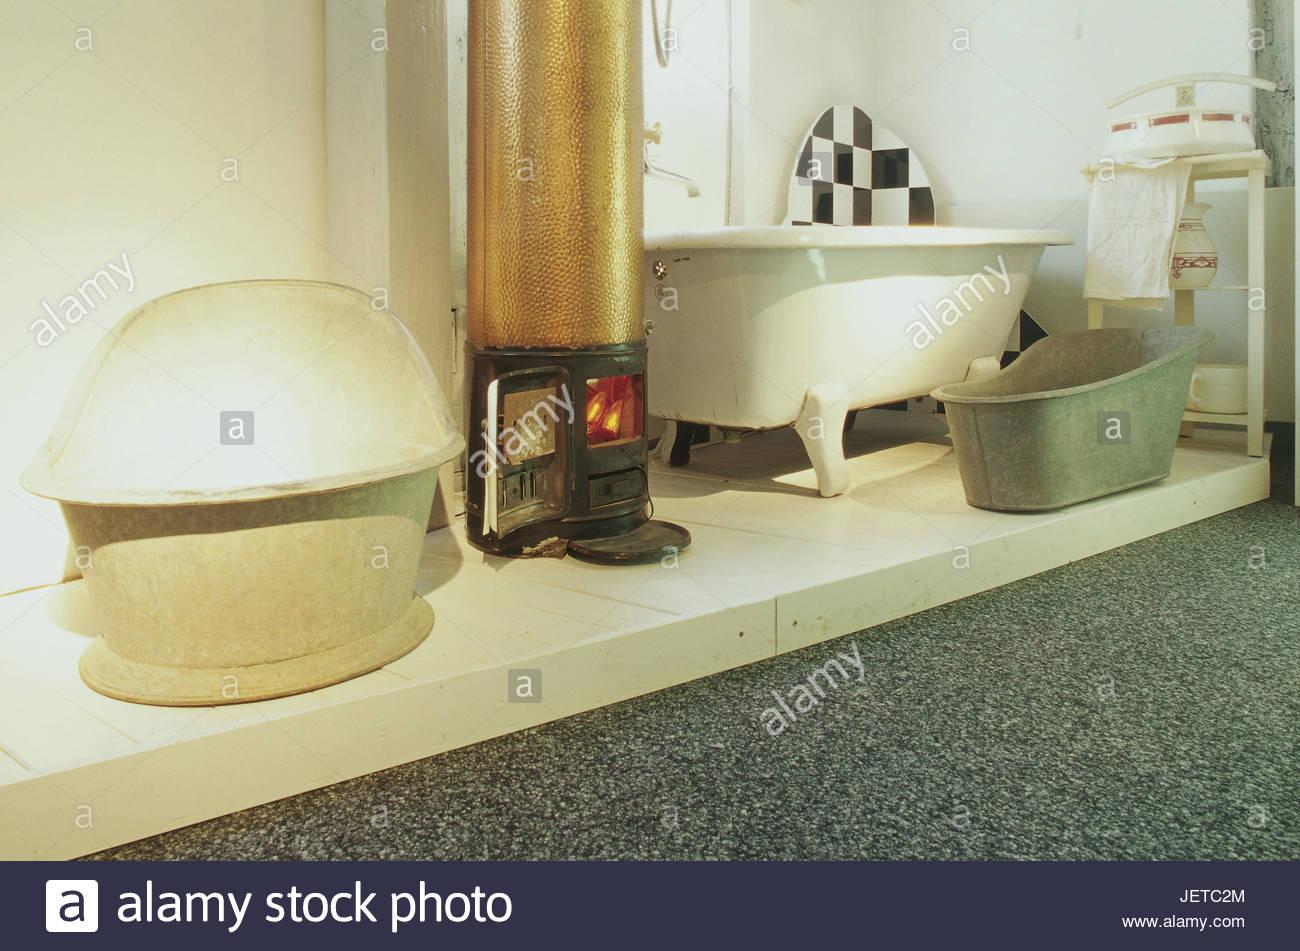 Alemania, en Renania del Norte-Westfalia, baño Salzuflen, baños y ...